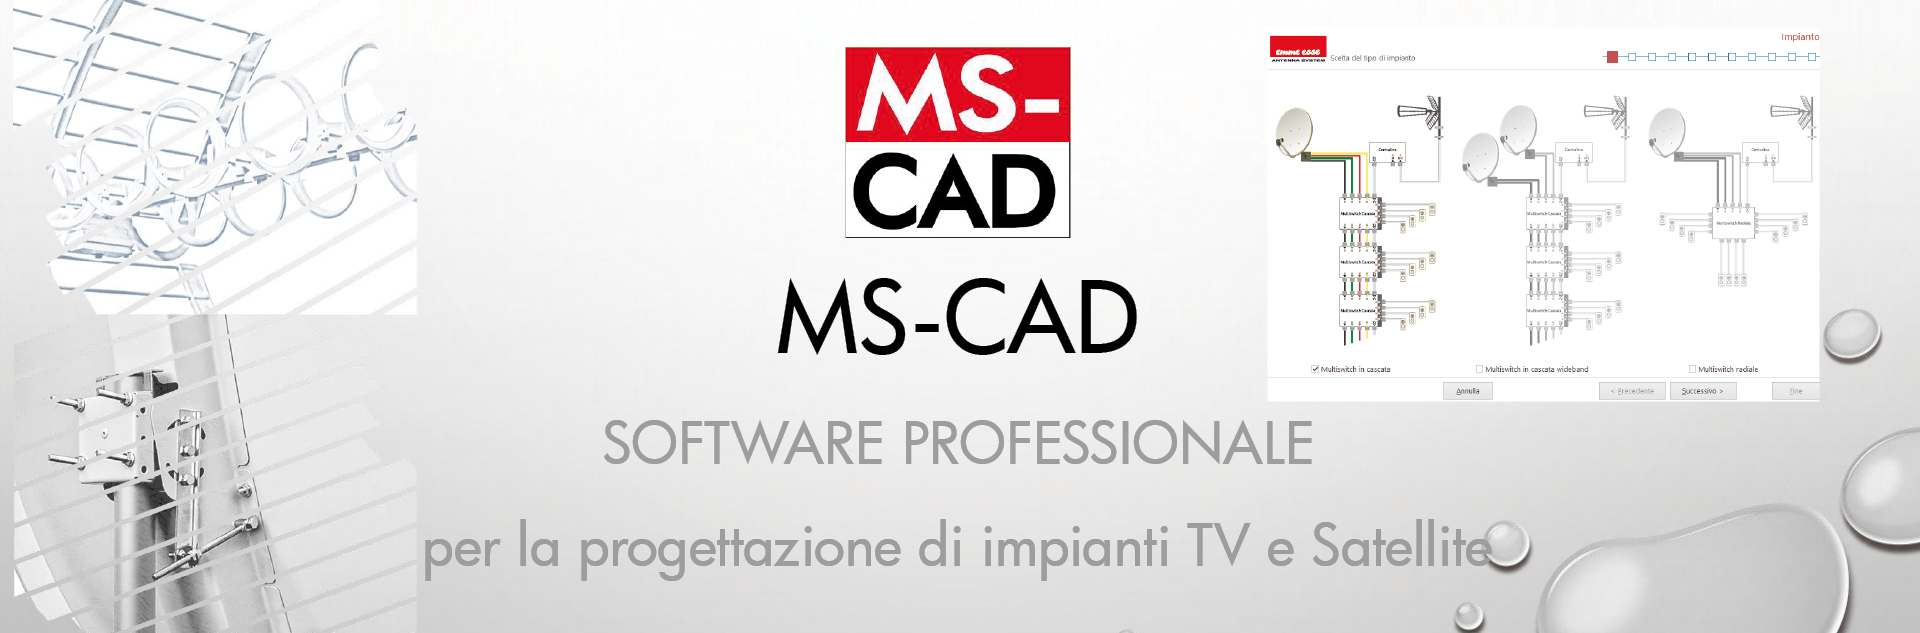 MS-CAD